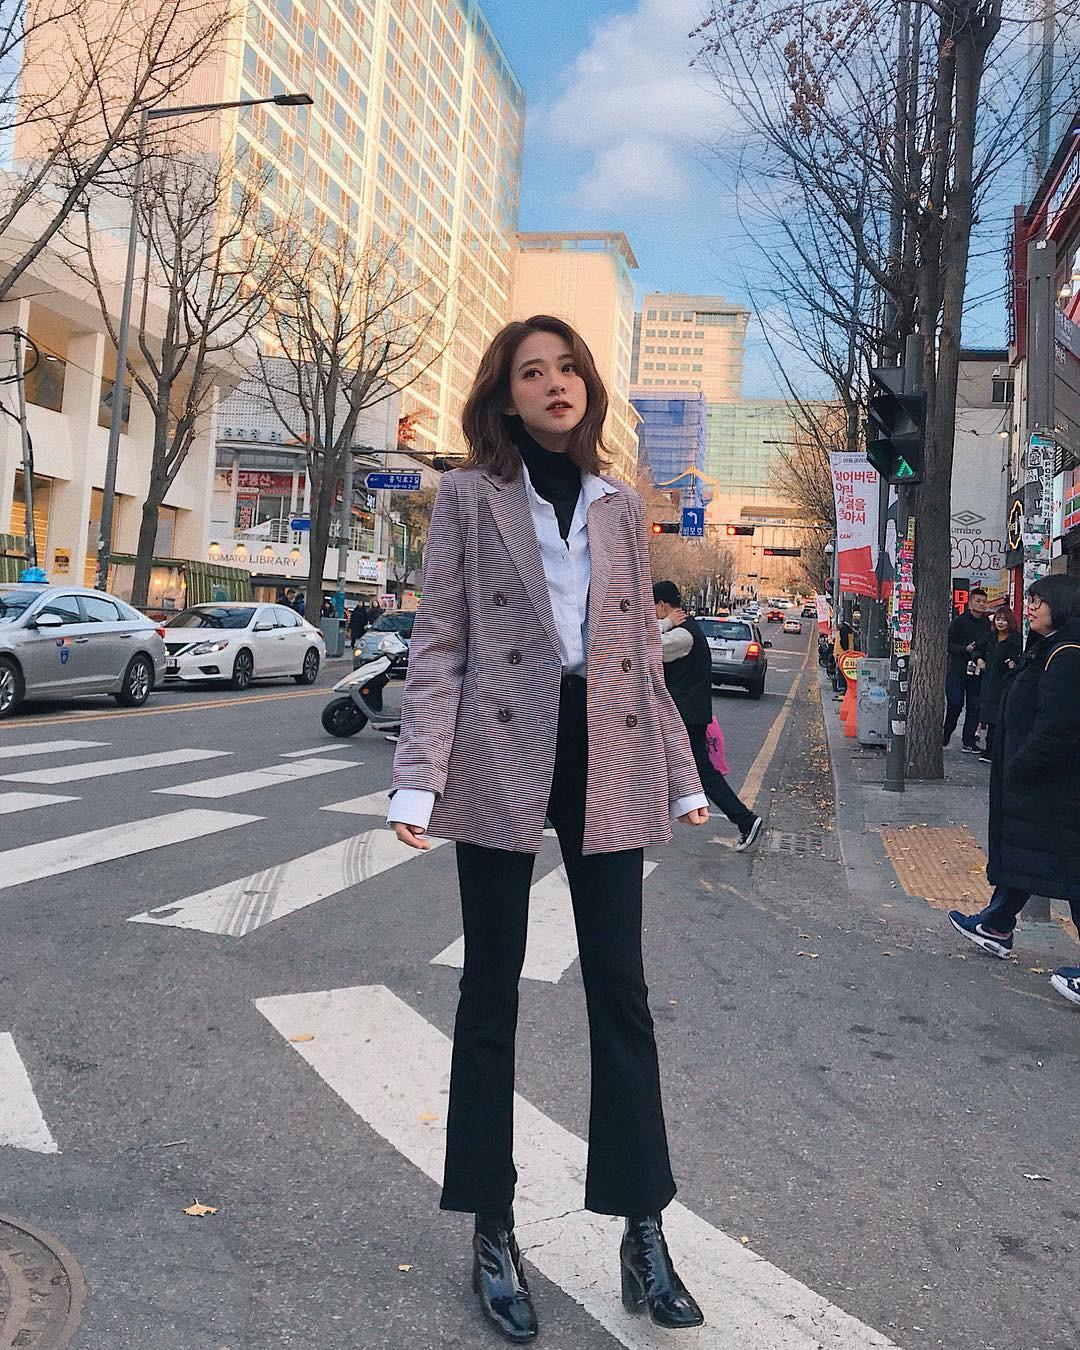 Muốn mặc đâu chuẩn đấy trong tiết trời se lạnh, bạn chỉ việc copy 10 công thức street style xuất sắc này từ loạt hot girl Việt - Ảnh 9.